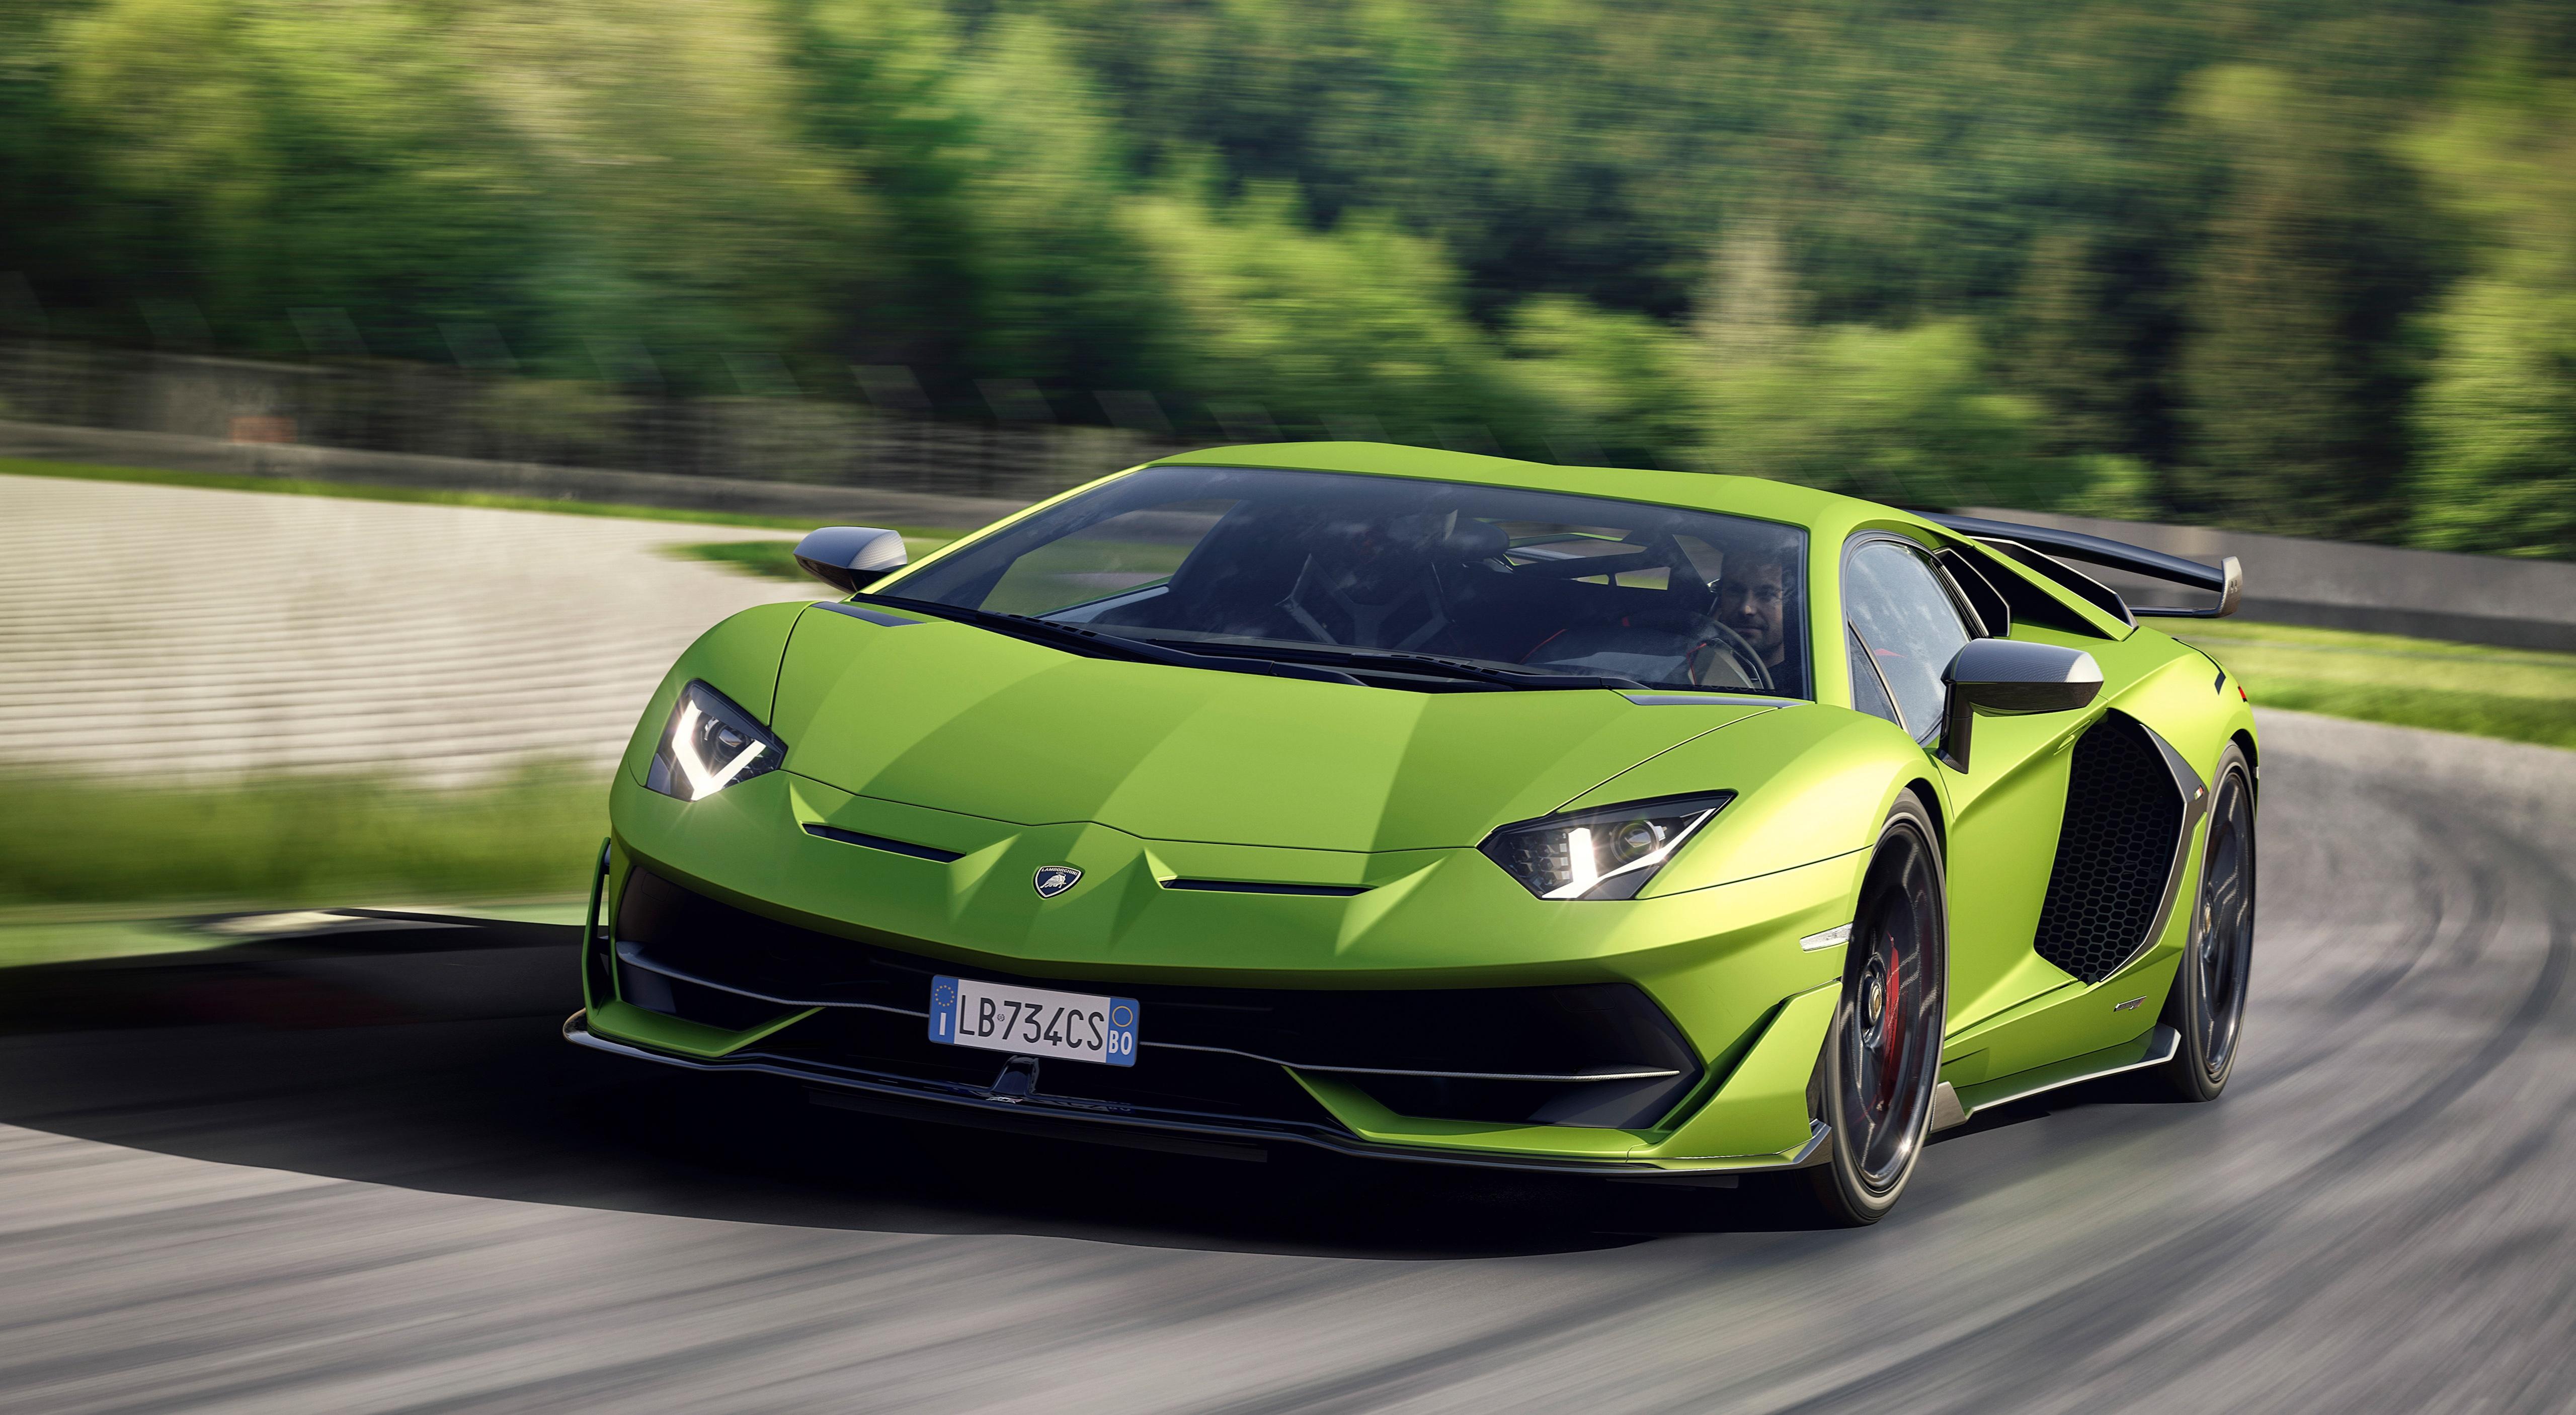 Фотография Lamborghini Размытый фон зеленые Движение Спереди Автомобили 5120x2812 Ламборгини боке зеленая Зеленый зеленых едет едущий едущая скорость авто машины машина автомобиль